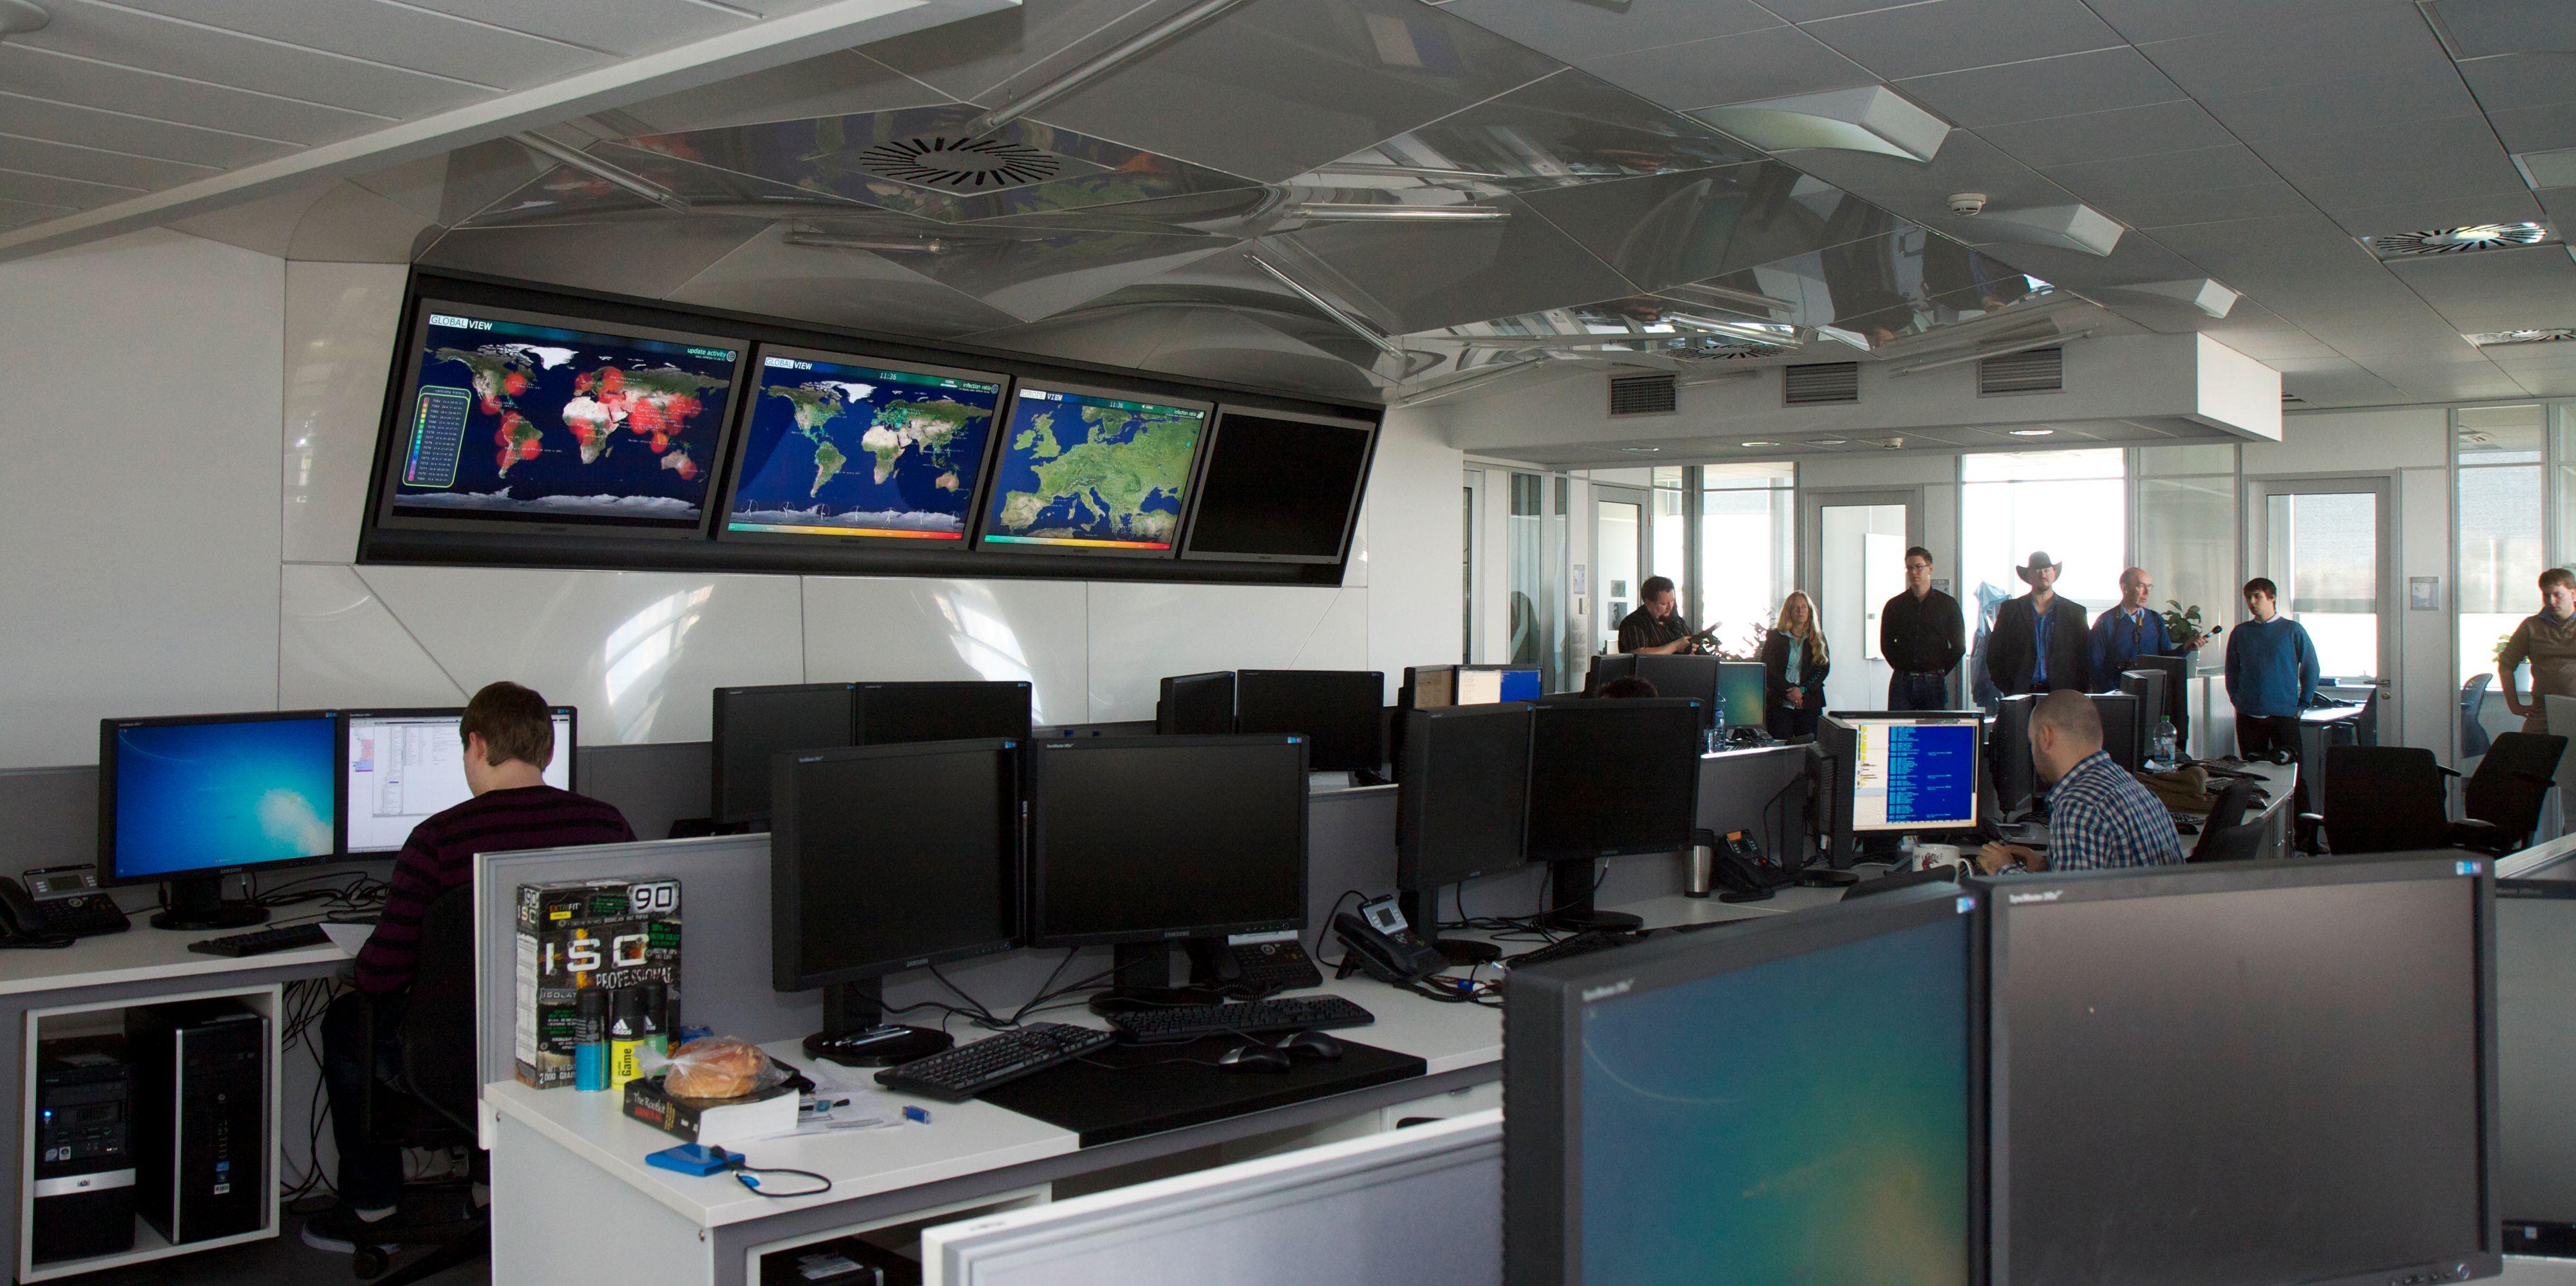 Her ved ESETs viruslab i Bratislava mottas rundt 200.000 nye varianter av ondsinnet programvare hver dag. Det meste analyseres automatisk ved hjelp av datamaskiner, men av og til må ESETs spesialister undersøke den skadelige koden manuelt for å finne ut hvordan den fungerer. (Foto: Kurt Lekanger)